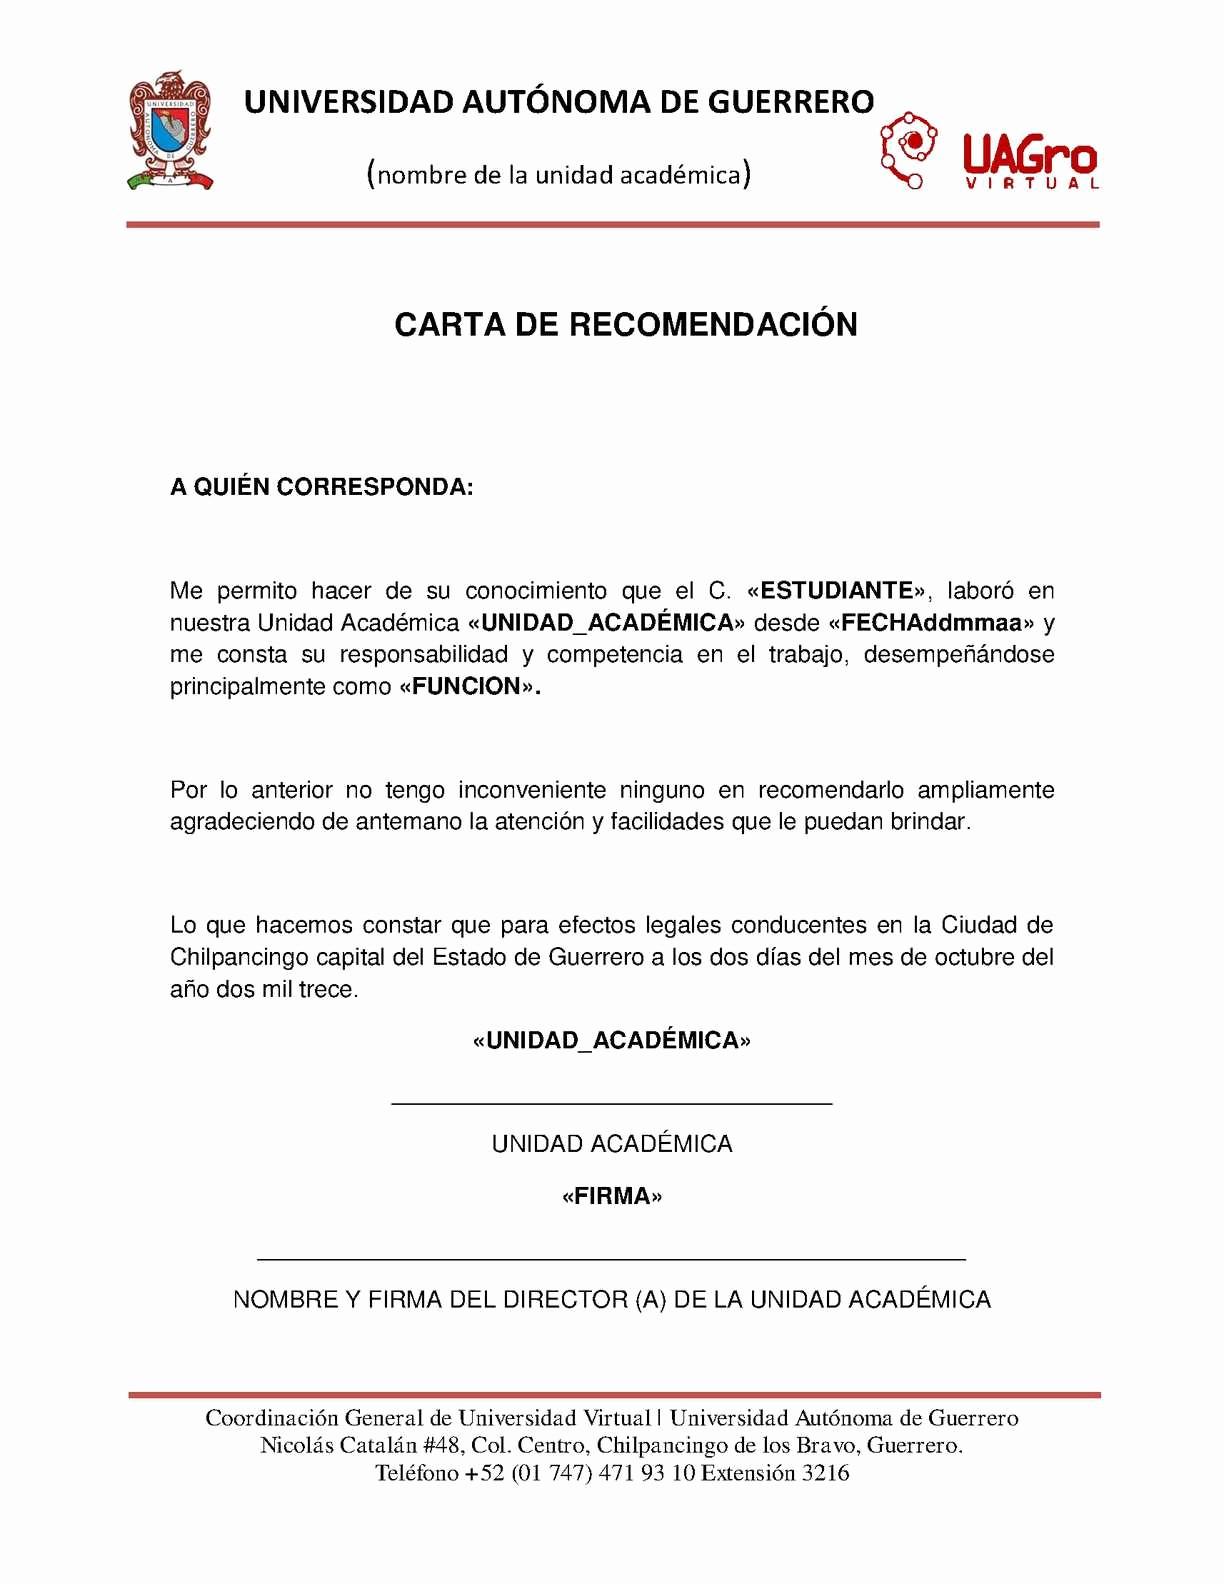 Carta De Recomendacion Para Estudiantes Best Of Calaméo Mtic Eje 3 Tema 6 Carta